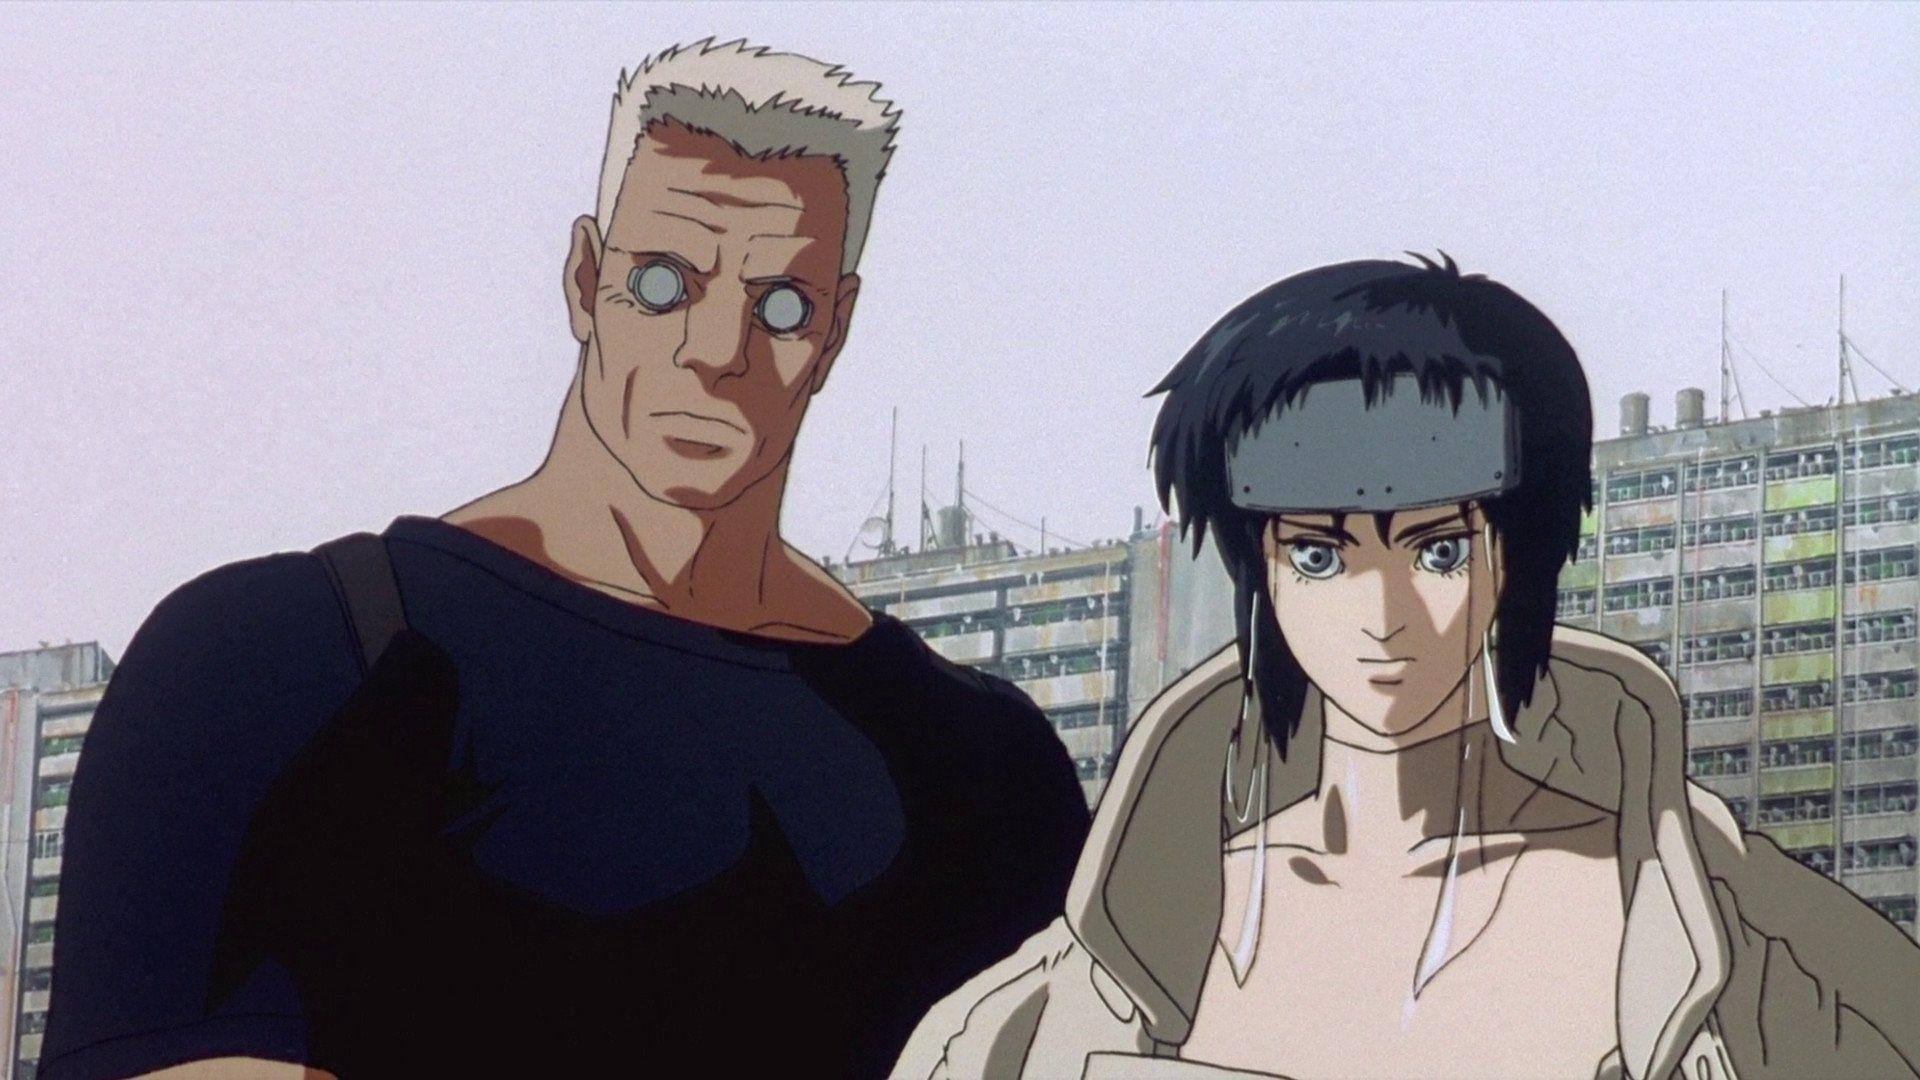 Ghost In The Shell Motoko Kusanagi Batou Ghost In The Shell Anime Ghost Anime